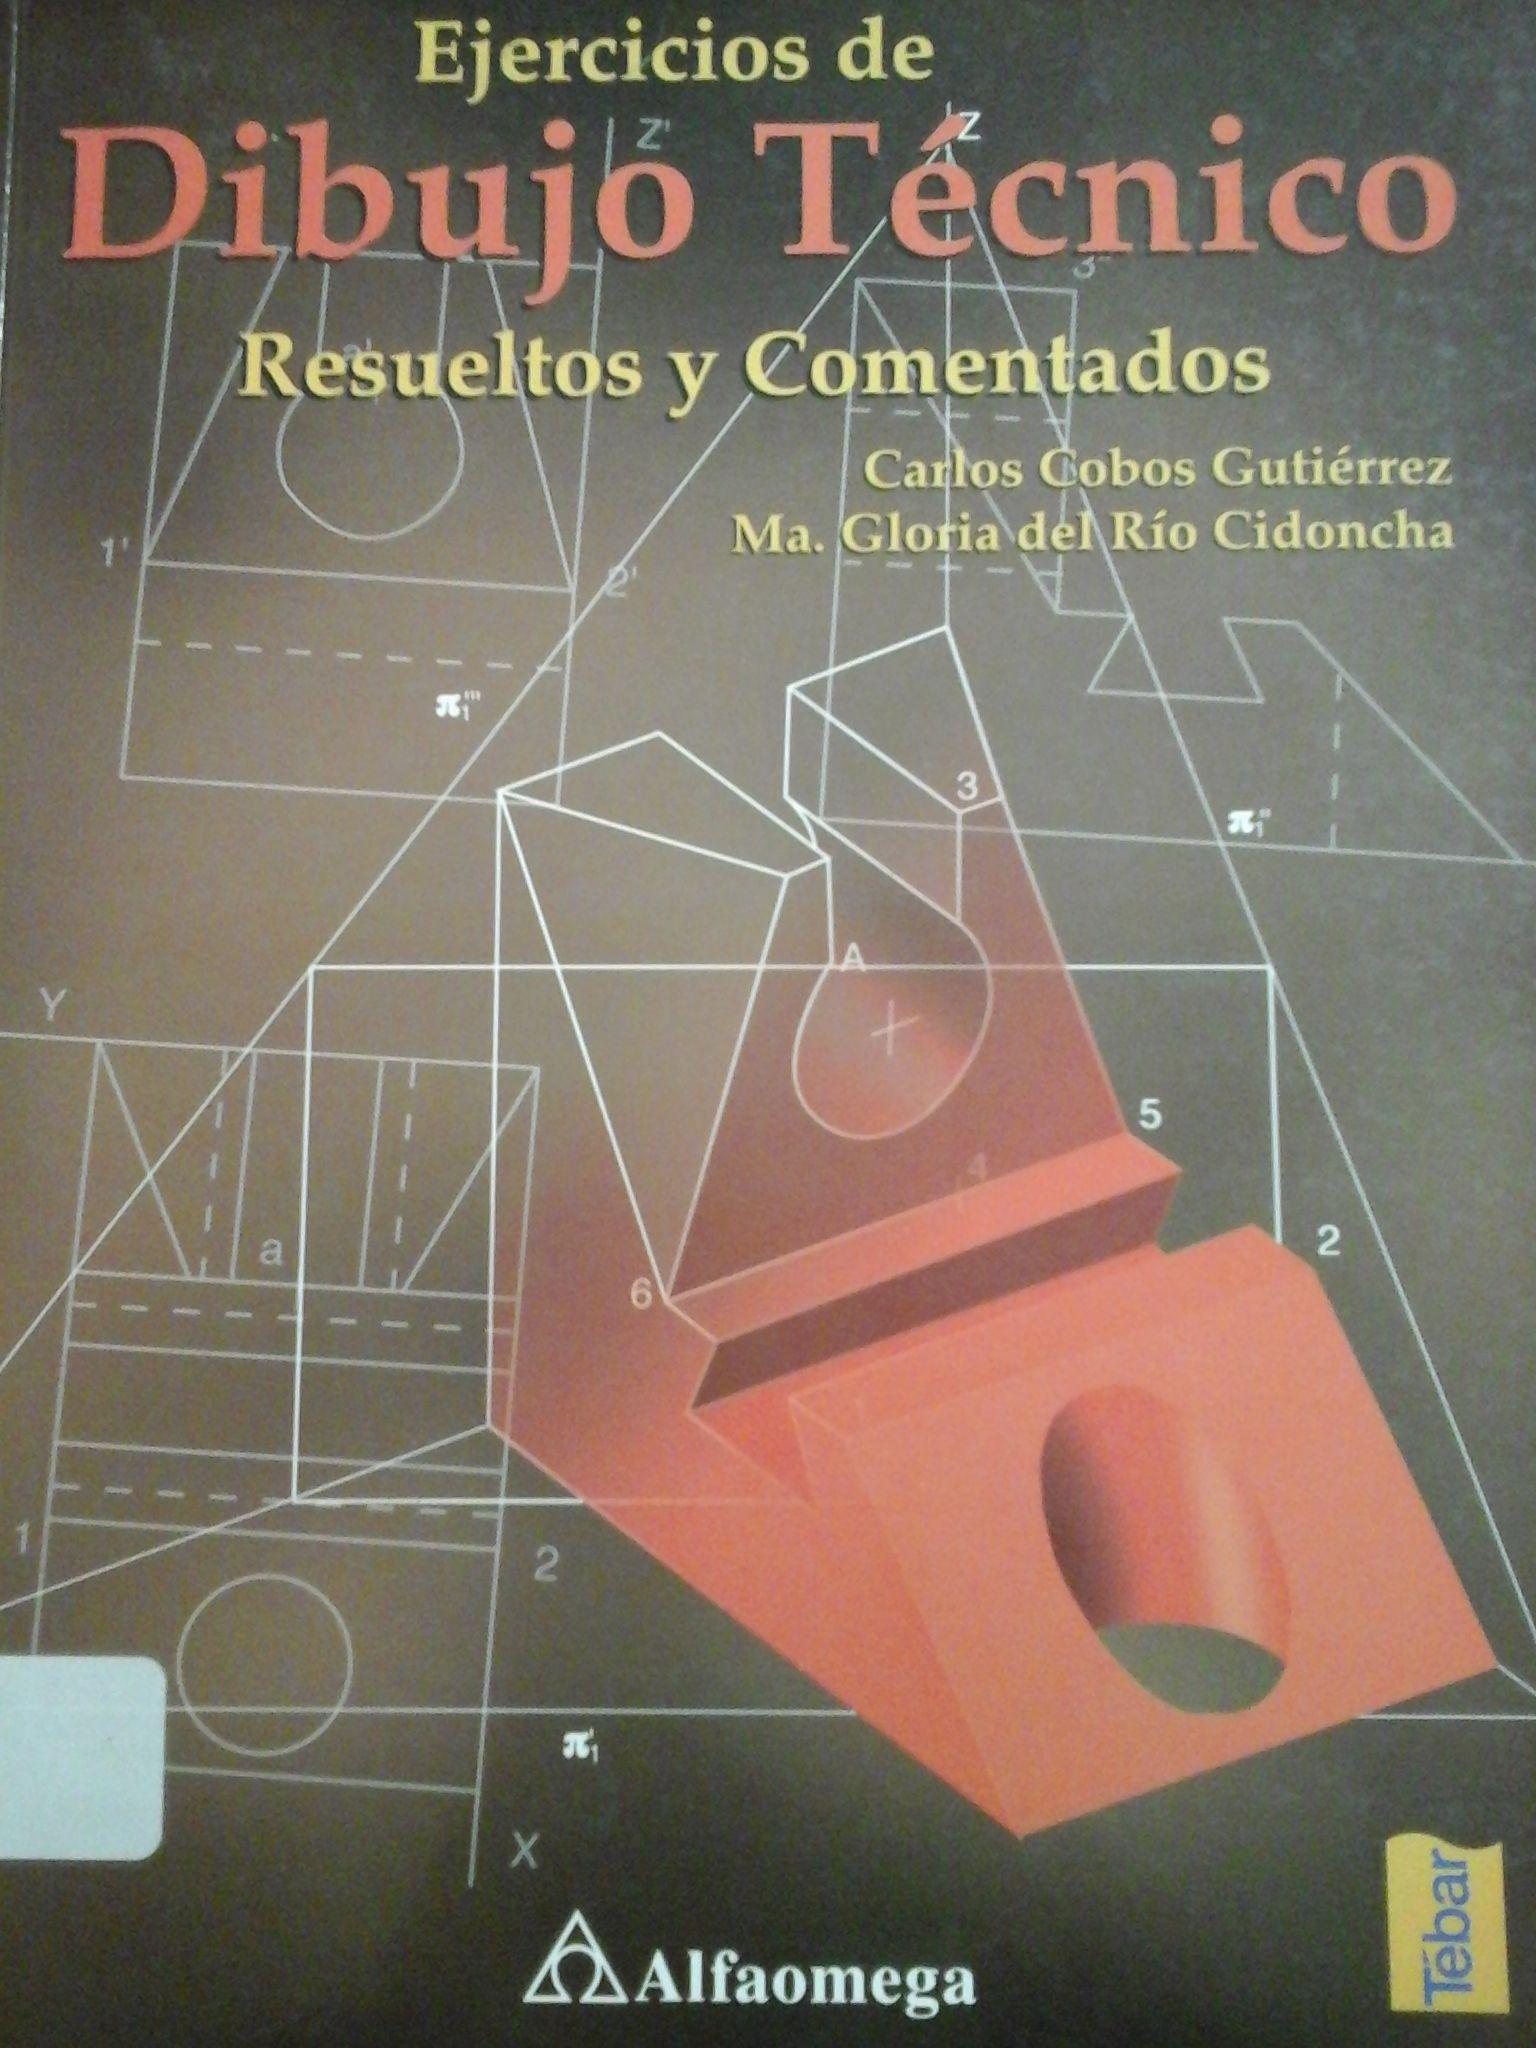 Cobos Gutierrez Carlos Ejercicios De Dibujo Tecnico Resueltos Y Comentados 1ª Ed Mexico A Libro De Dibujo Tecnico Ejercicios De Dibujo Tecnicas De Dibujo